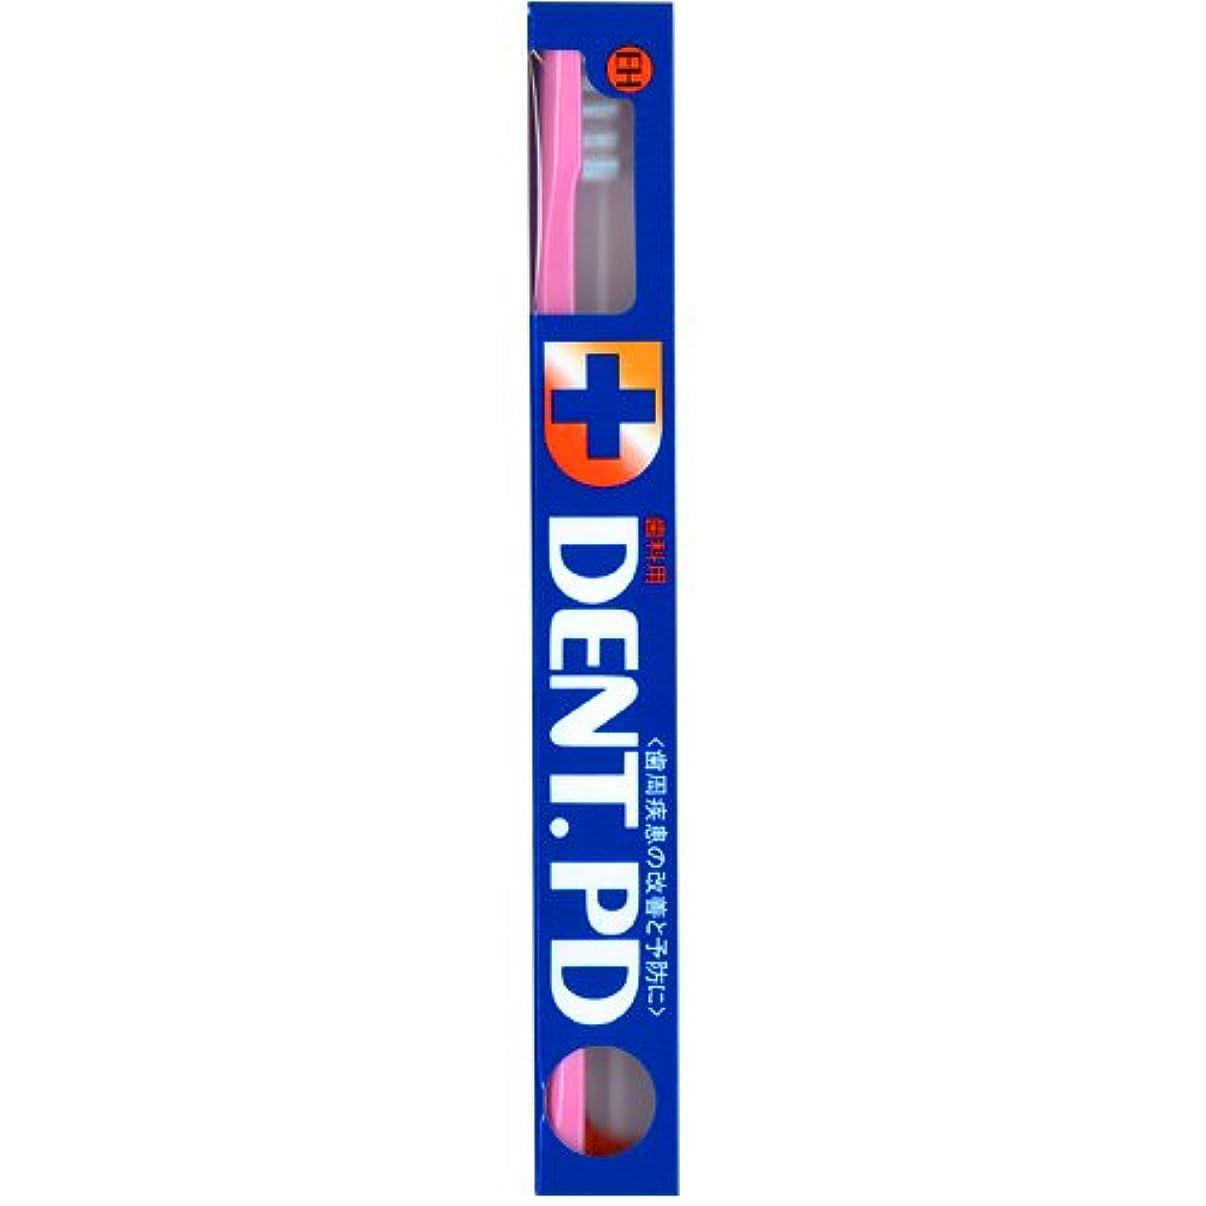 レビュアーナットウナギライオン DENT.PD歯ブラシ 1本 EH (ピンク)